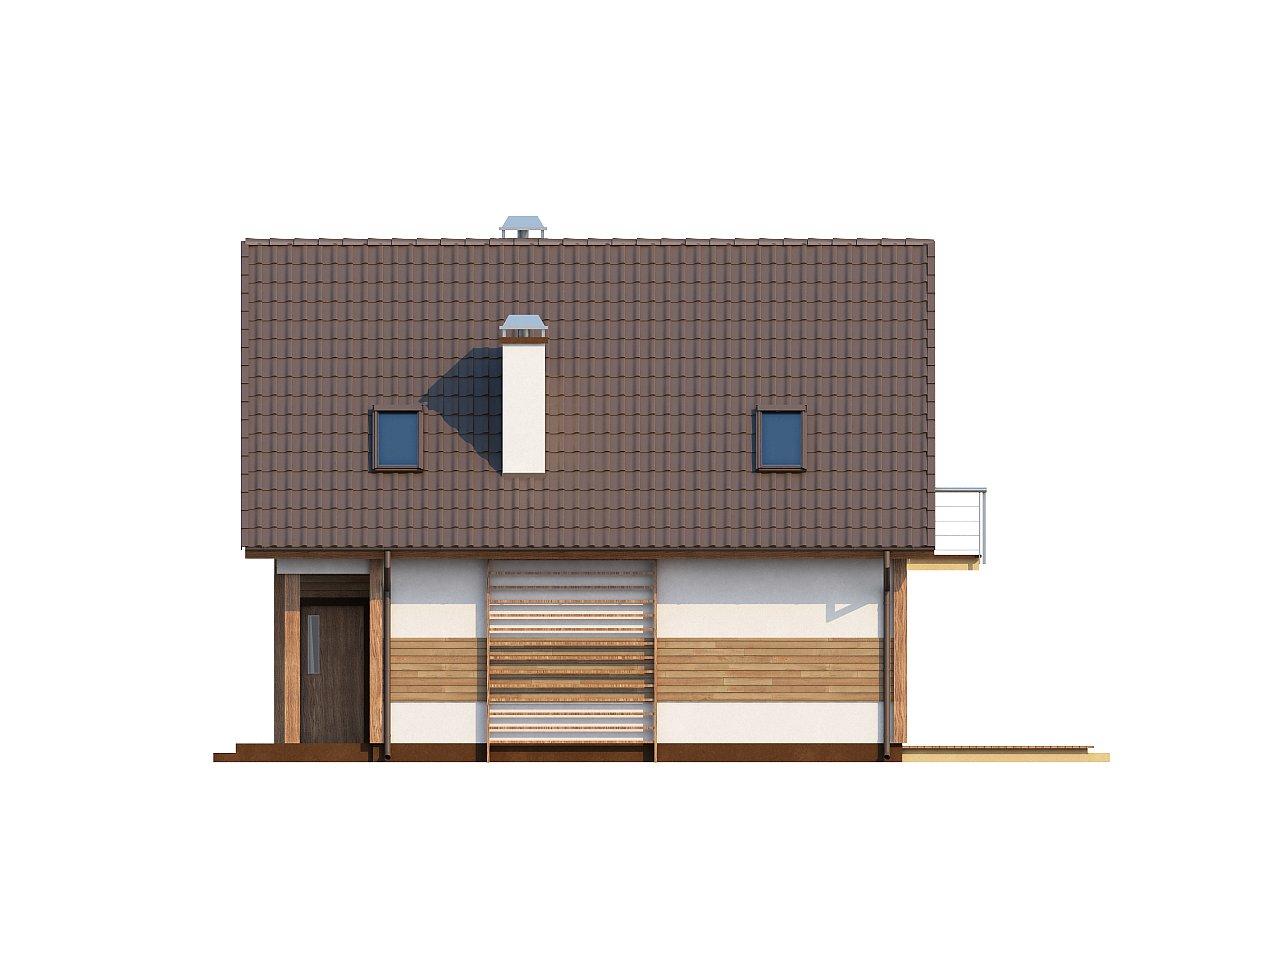 Предложение выгодного и практичного дома, подходящего для удлиненного или, наоборот, неглубокого участка. 6